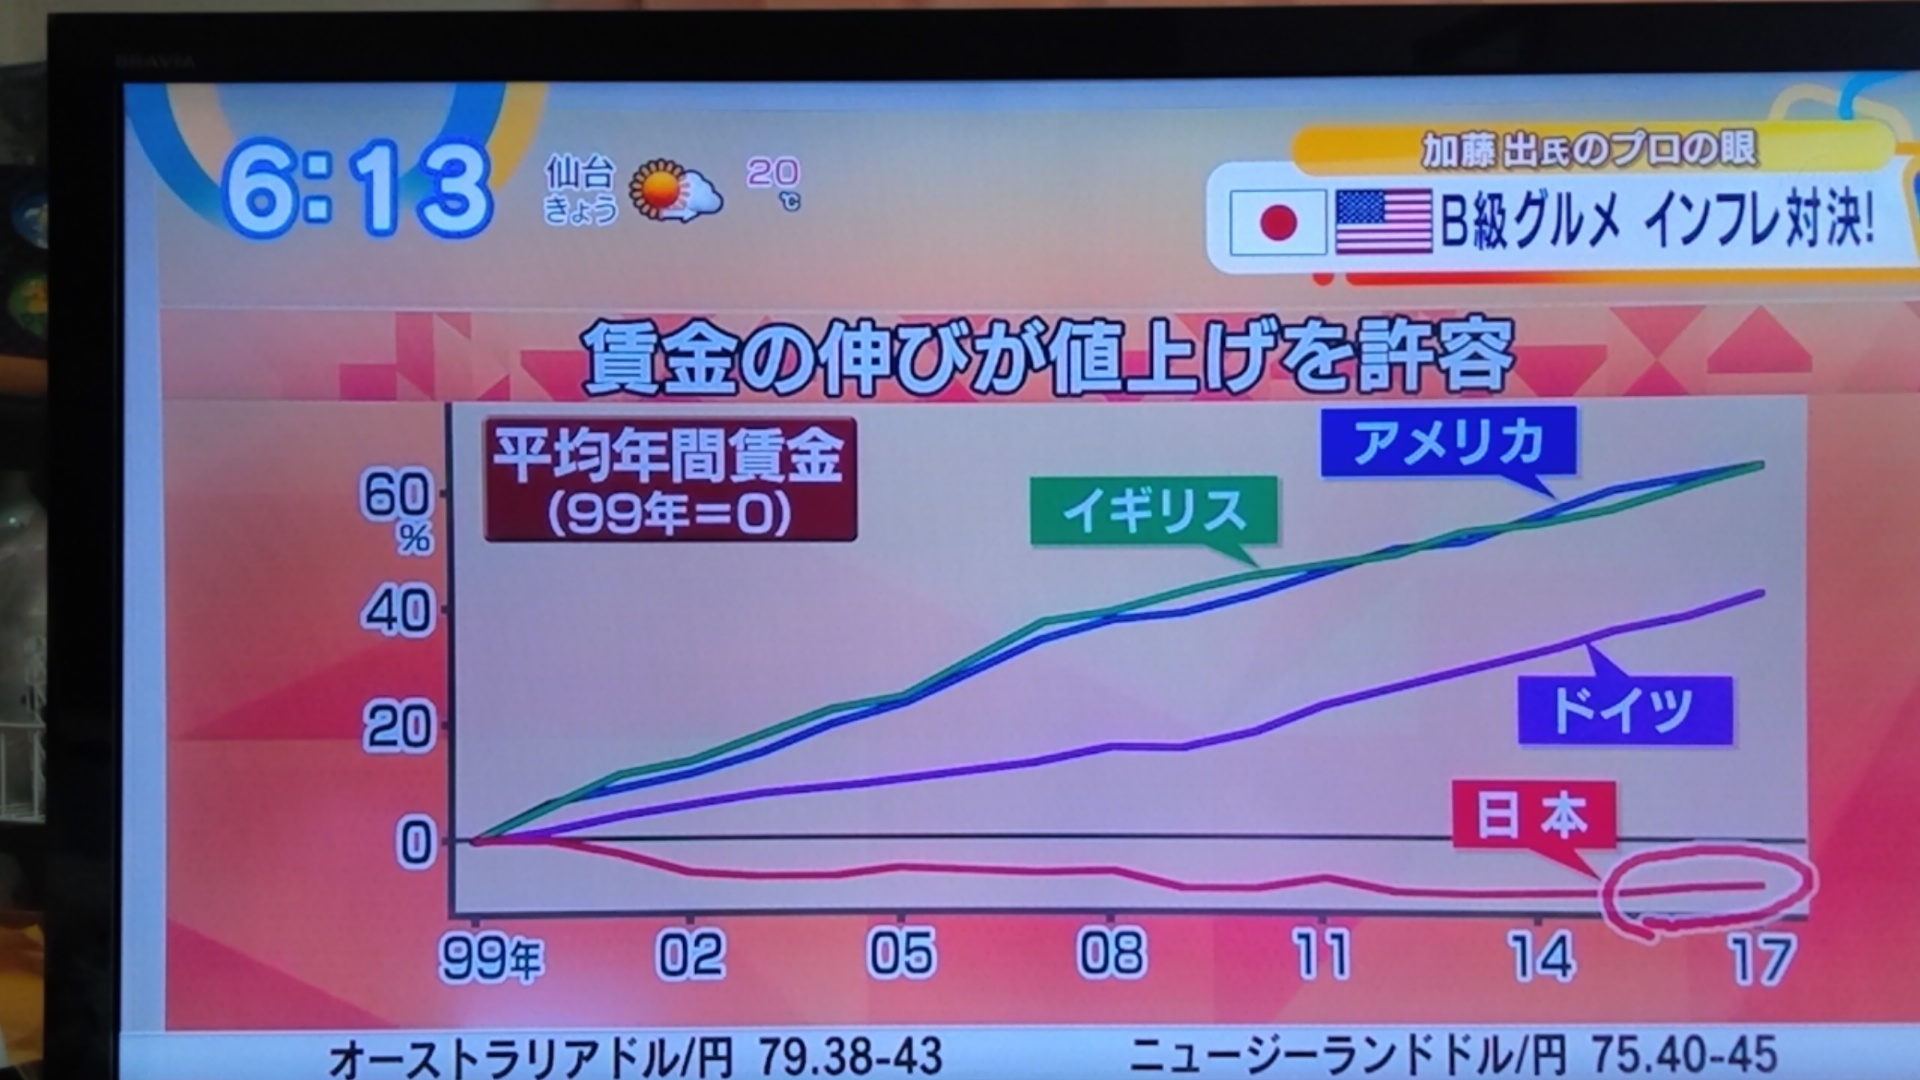 日本の賃金の伸びは.._d0262085_12253703.jpg